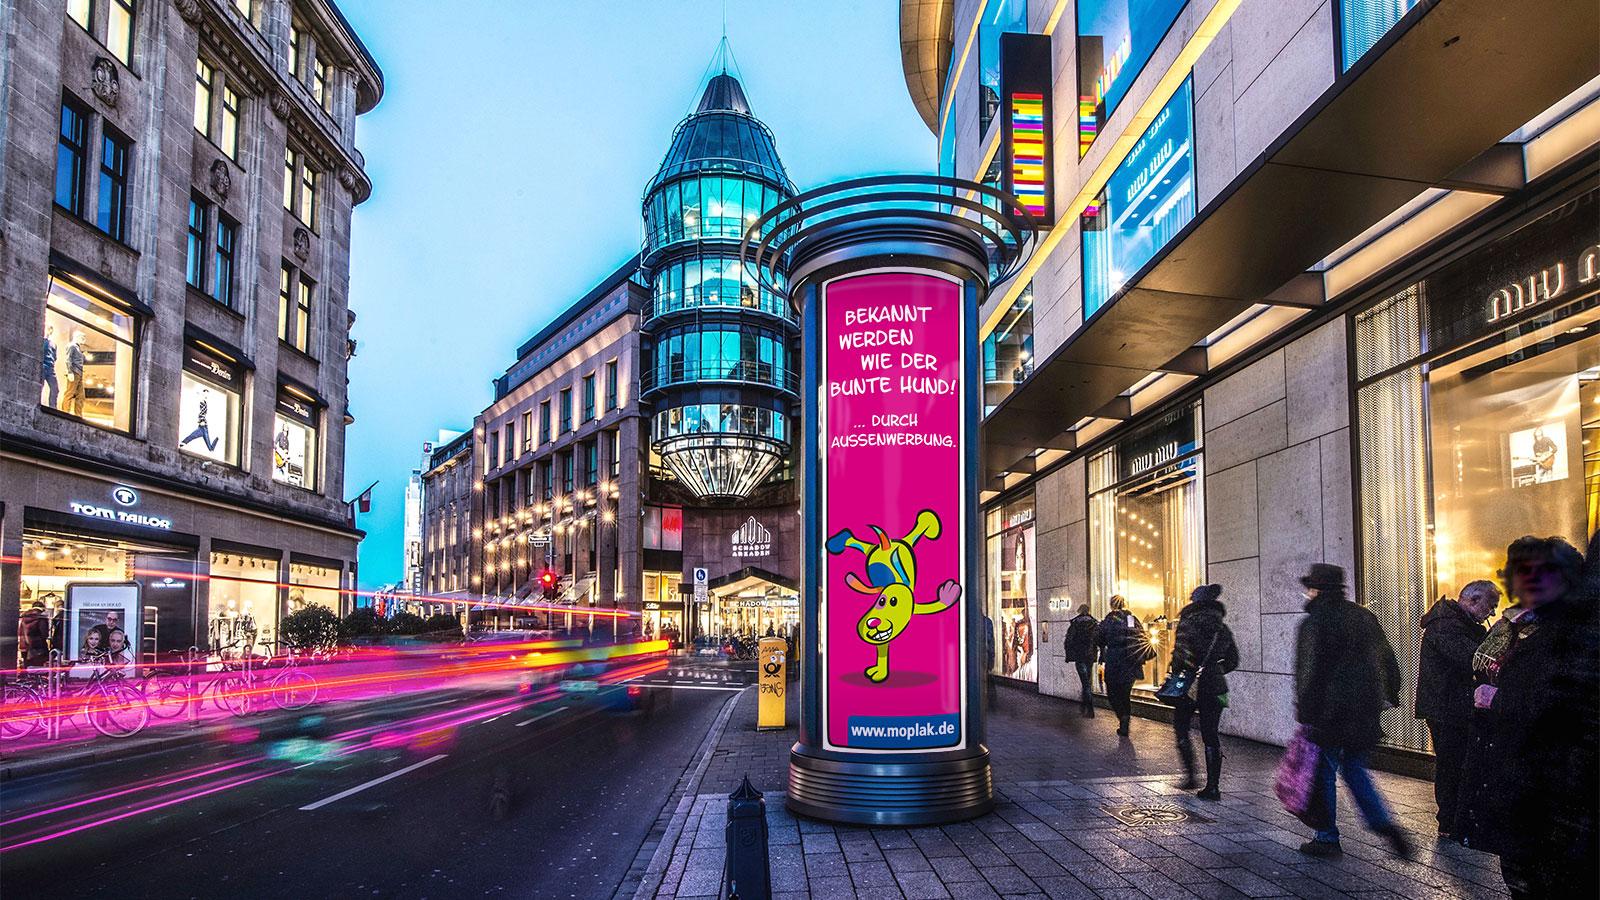 Regensburg-Aussenwerbung-Litfasssaeule-Werbung